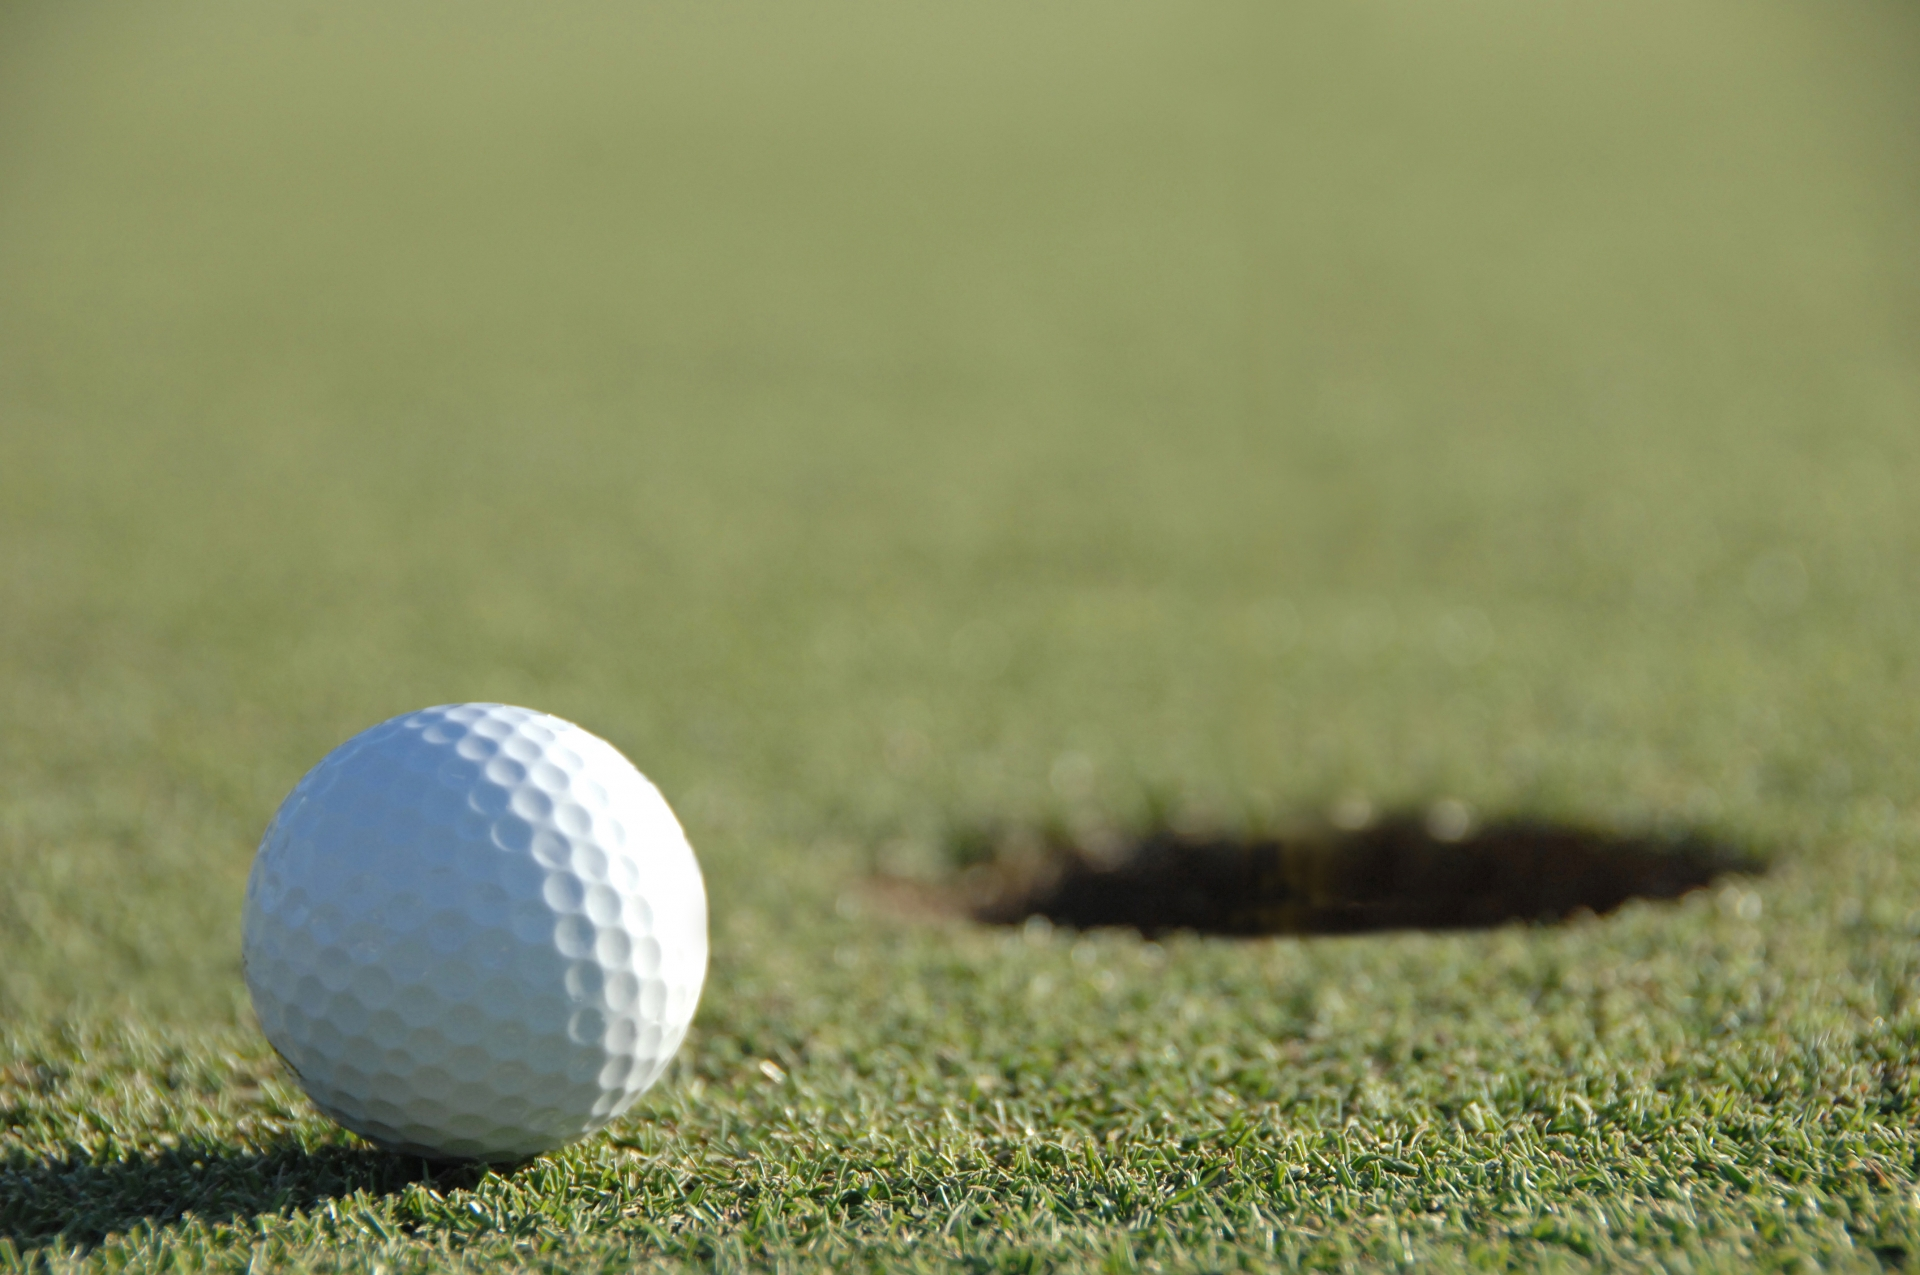 ゴルフボールのおすすめ9選!飛距離を伸ばせる